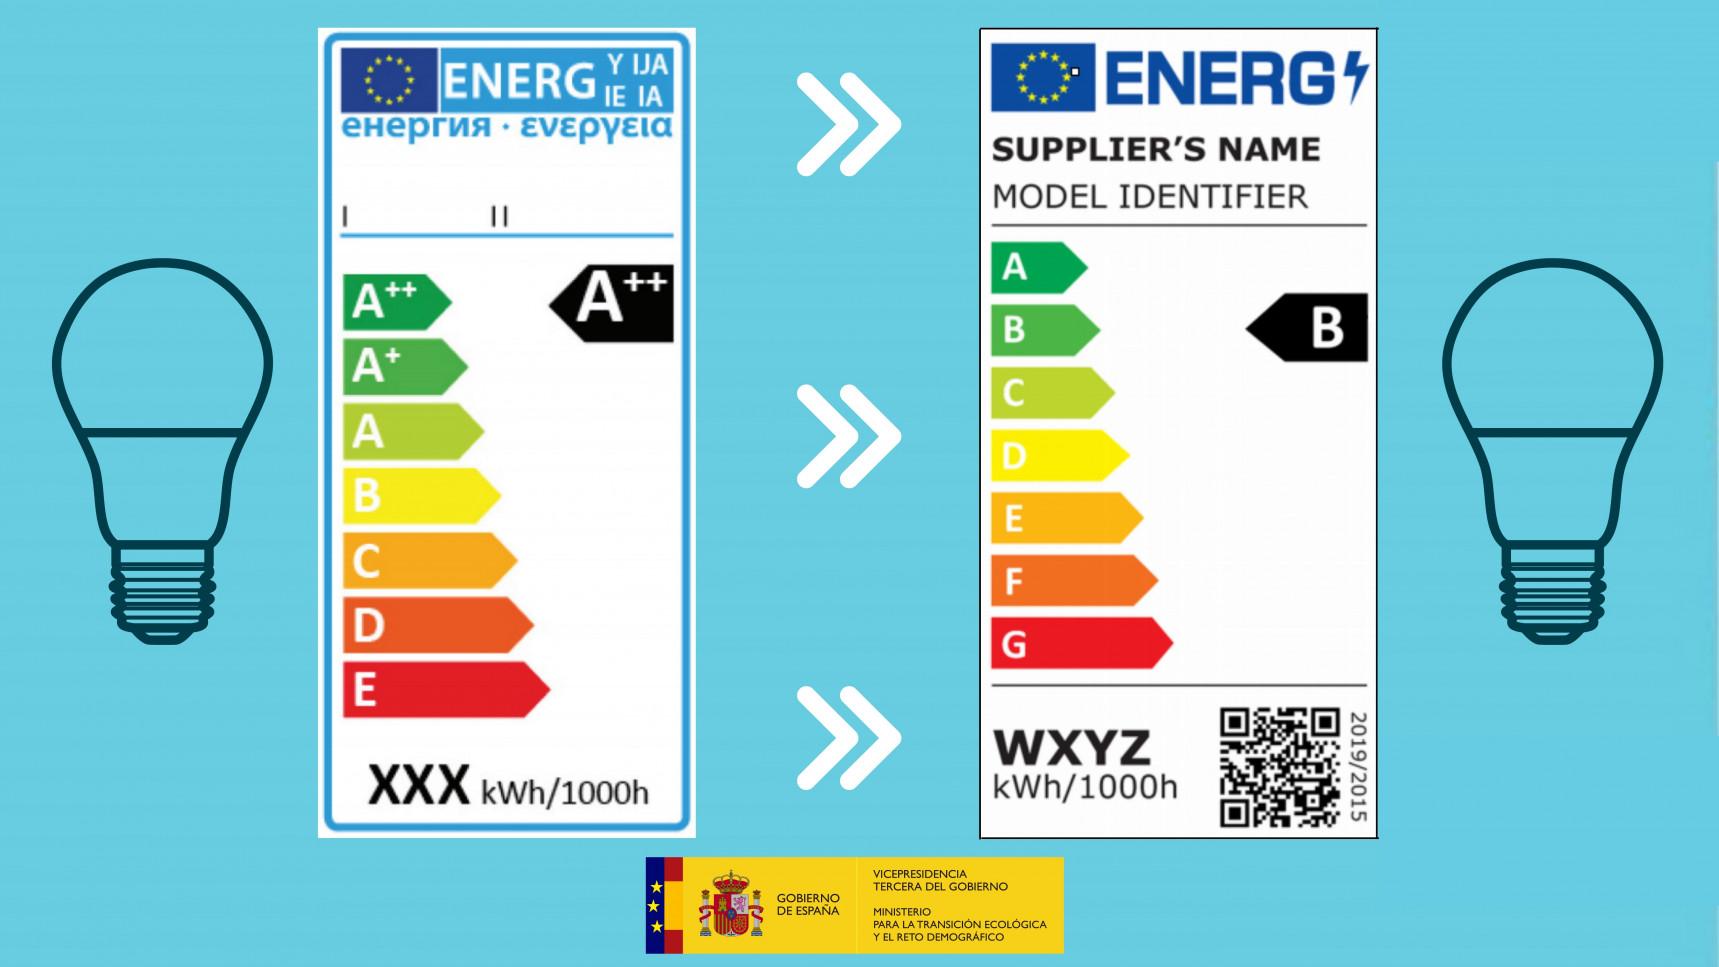 Las nuevas etiquetas están disponibles desde el 1 de septiembre, tanto en tiendas físicas como en venta online